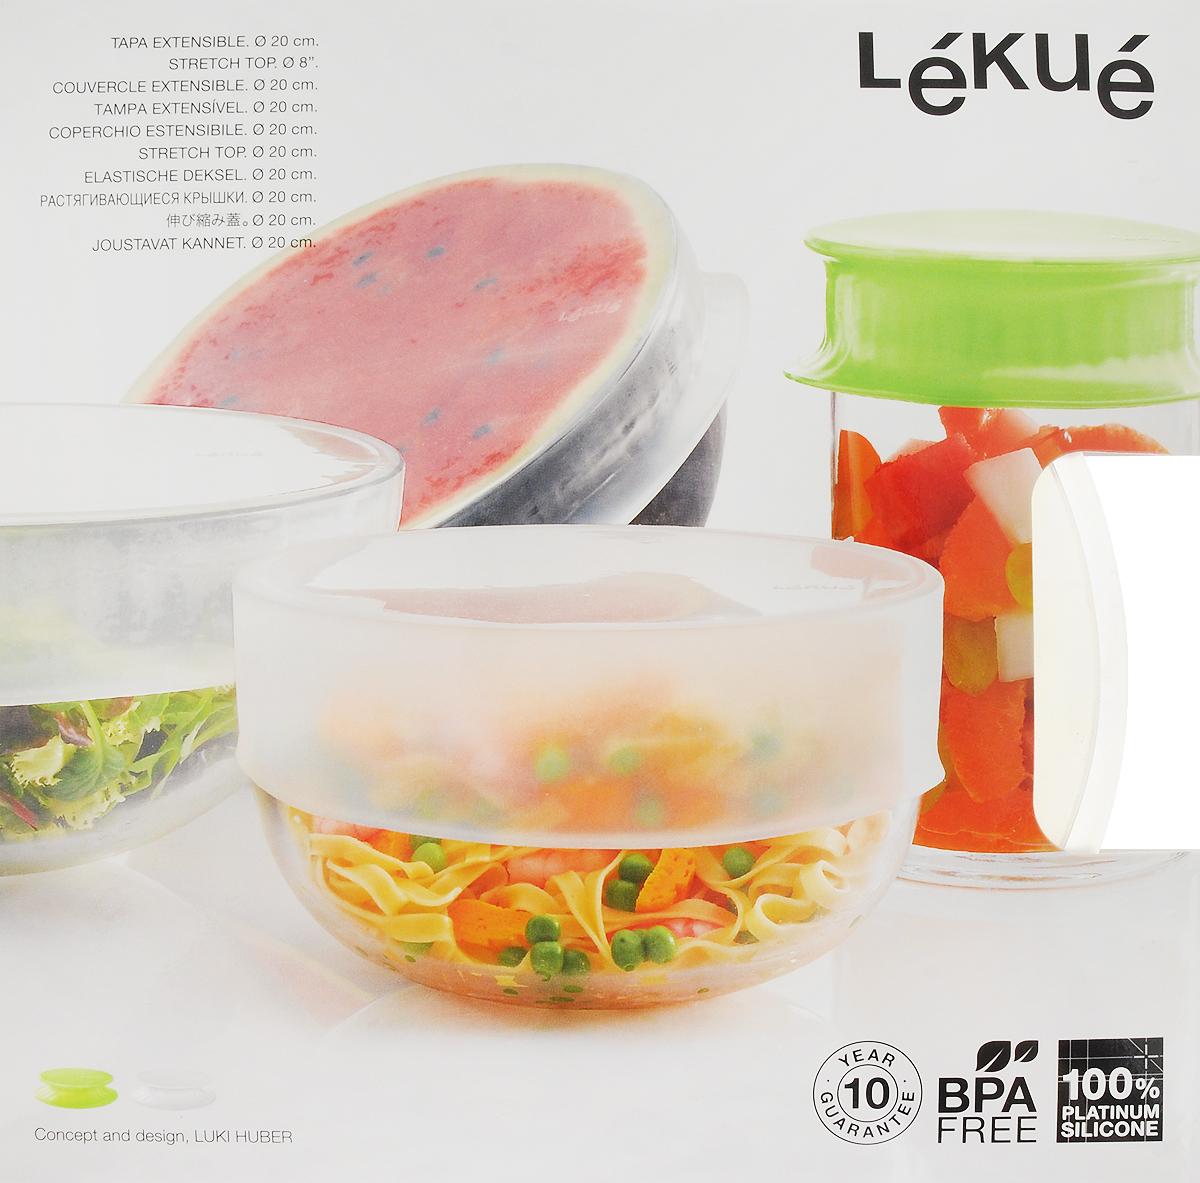 Крышка Lekue, универсальная, цвет: прозрачный. Диаметр 20 см3401420B04U017Универсальная растягивающаяся крышка позволяет хранить продукты в вакууме, в холодильнике, простым и гигиеничным способом. Крышка специально разработана для хранения продуктов питания в металлической или стеклянной посуде, в том числе для хранения половинок овощей или фруктов. Вакуум достигается с помощью простого давления на верхнюю часть крышки. Благодаря своей эластичности крышка свободно приспосабливается к посуде любого типа и разного диаметра.Рекомендации: мойте изделие, вывернув на изнанку. Не использовать для мытья металлической мочалки и грубые абразивные средства.